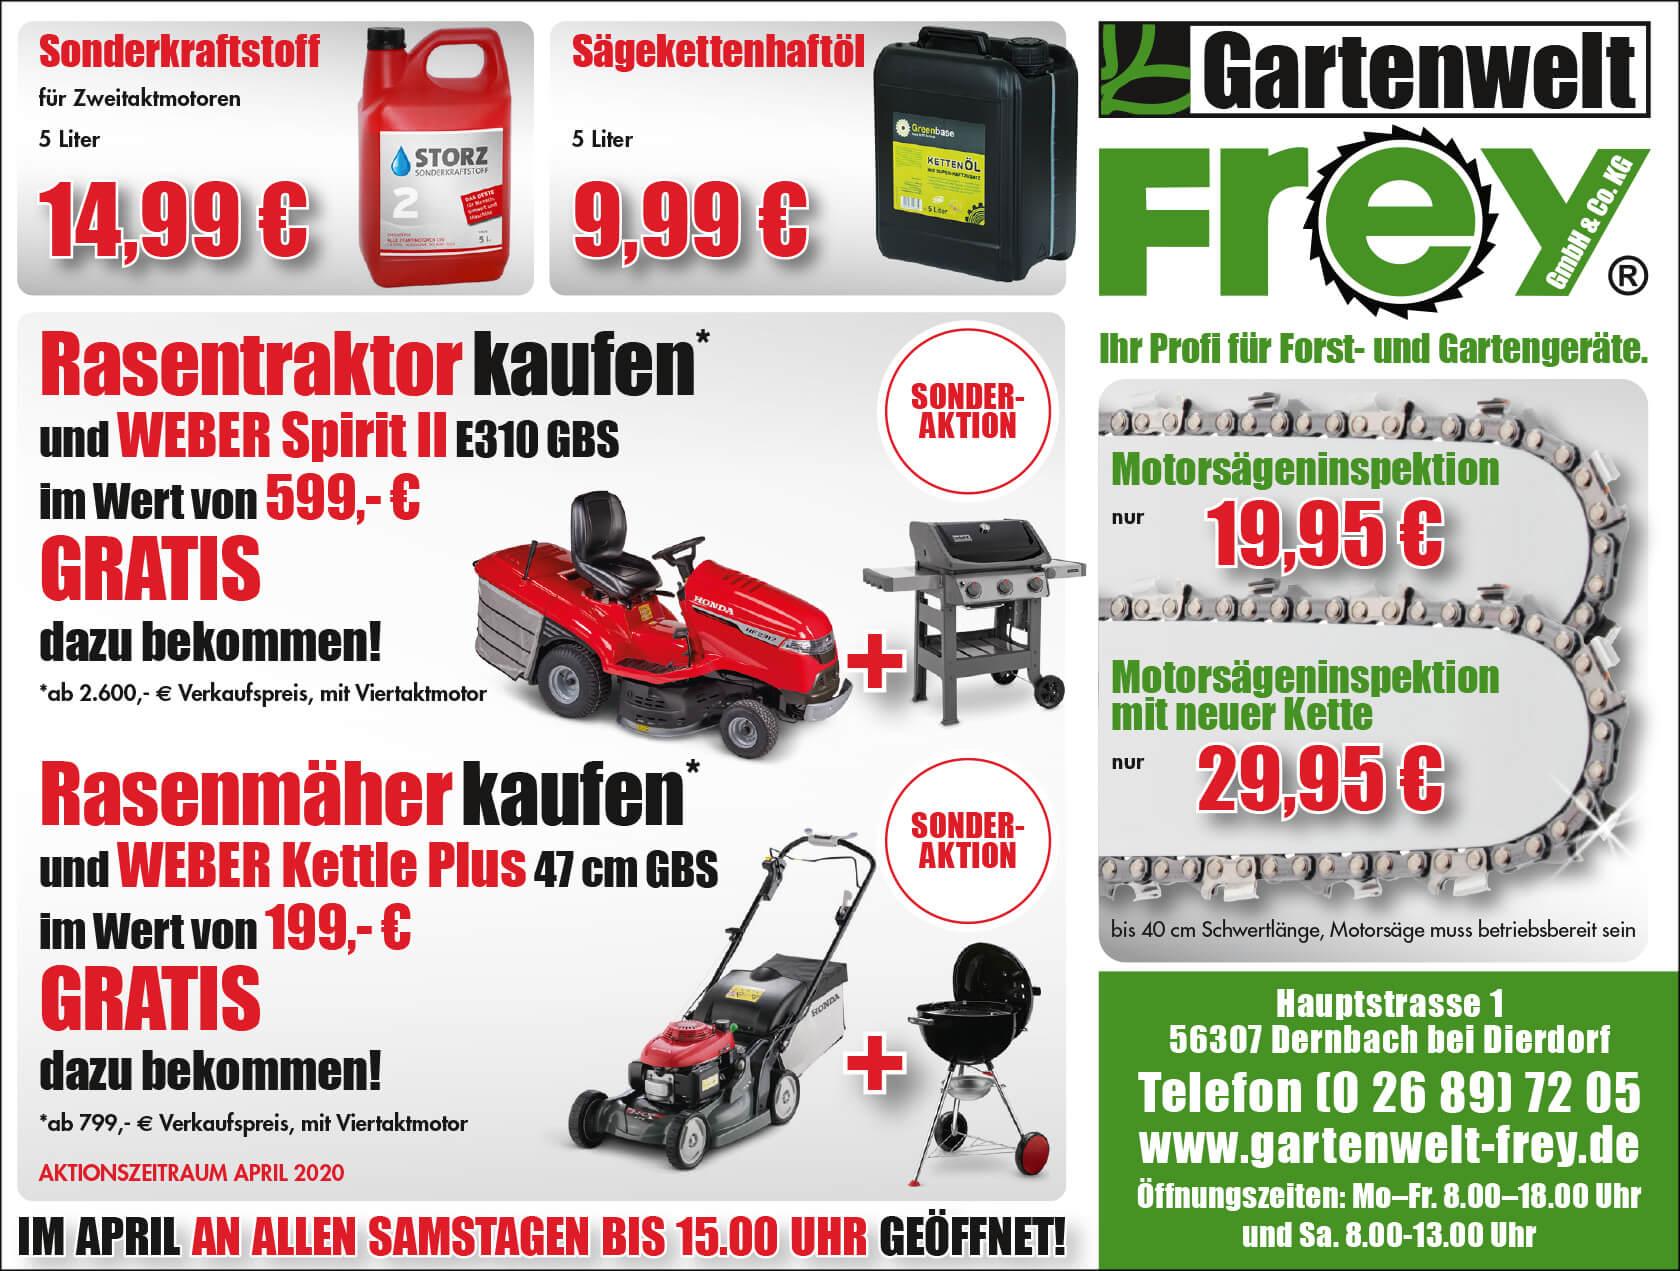 GARTENWELT FREY in Dernbach – Ihr Profi für Forst- und Gartengeräte – unsere Angebote im April